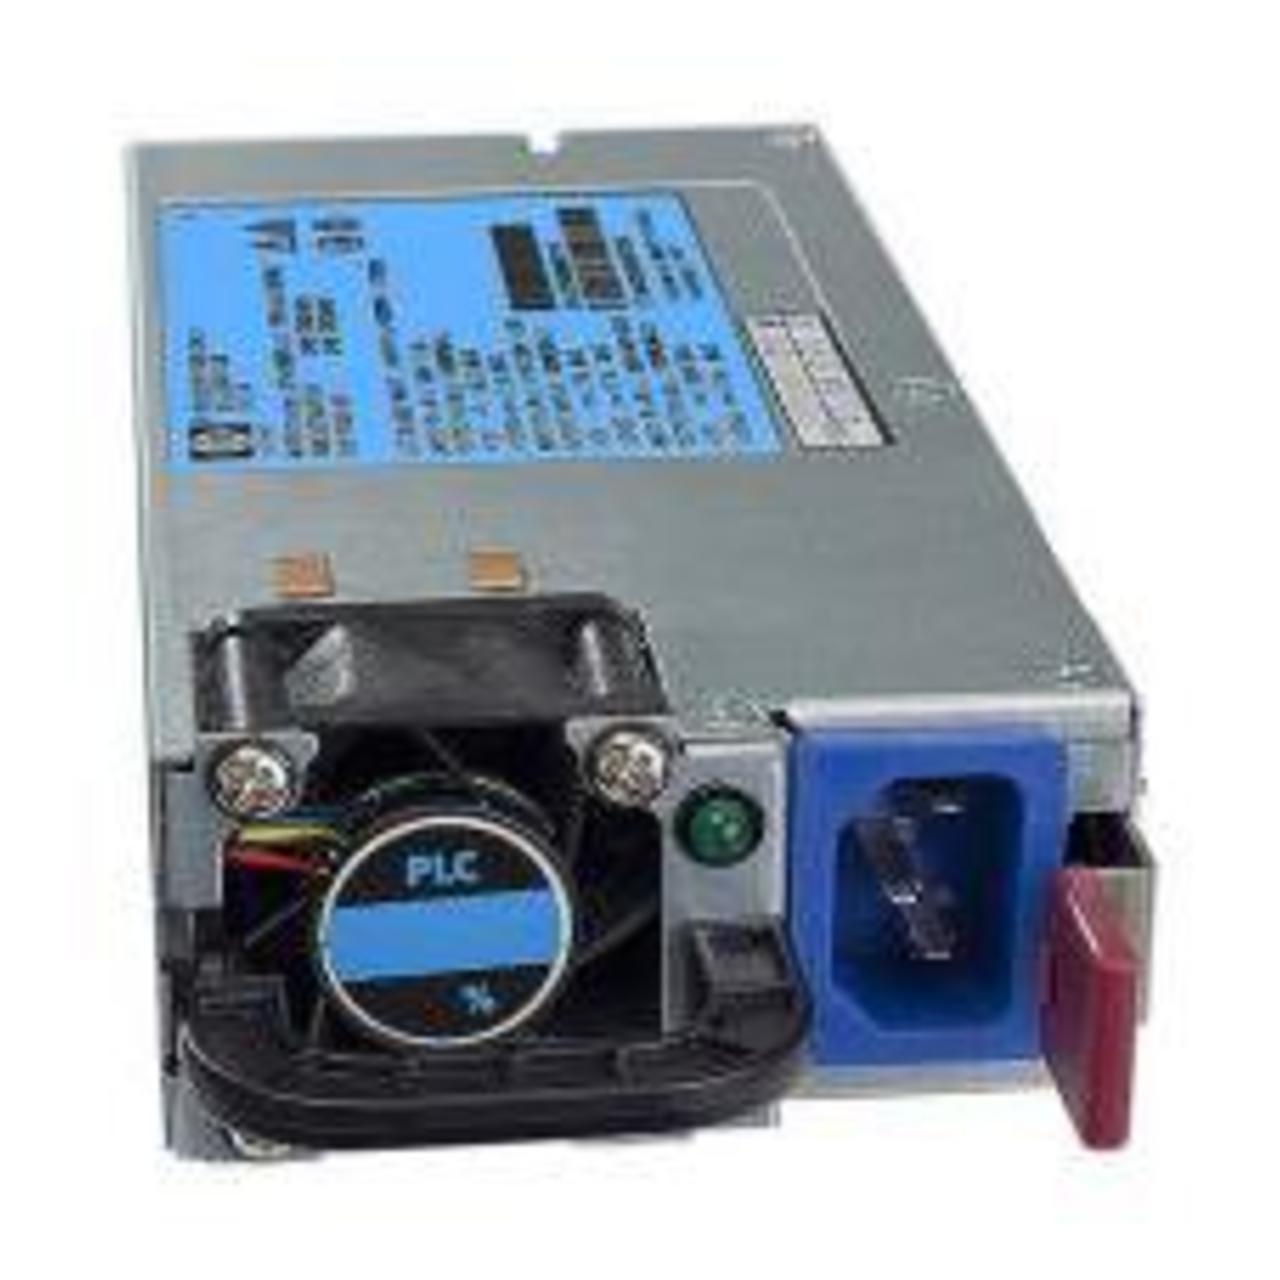 Avaya DL 360 G 7 SPR PWR SUPP 460 WAC 700501182 hp 503296-B21